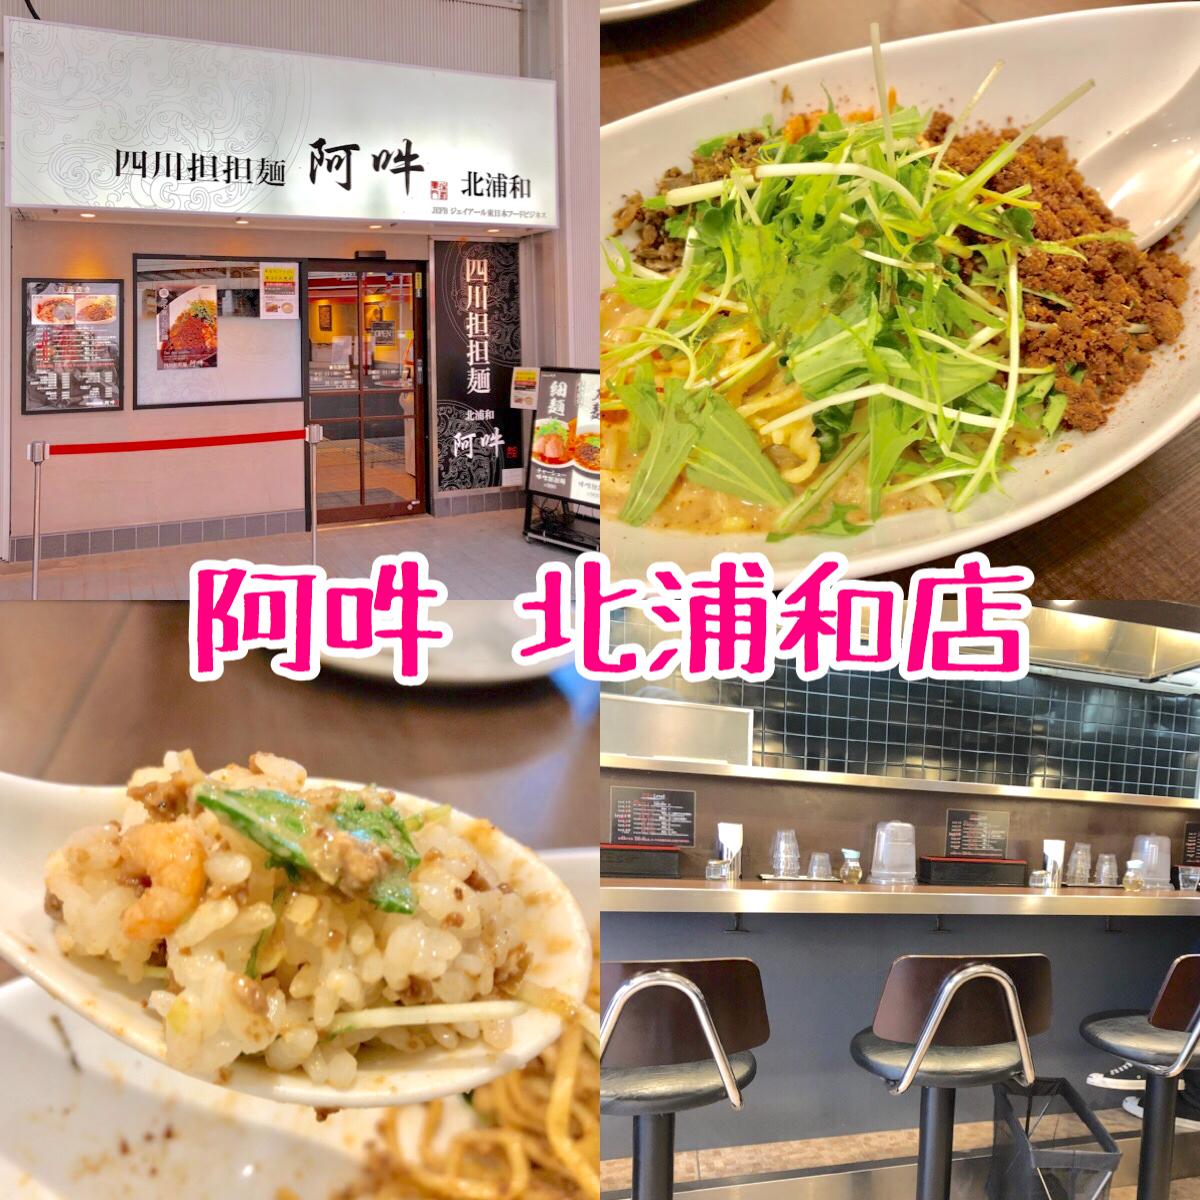 阿吽北浦和店|担々麺は痺れる辛さでリピートしたくなるうまさ!